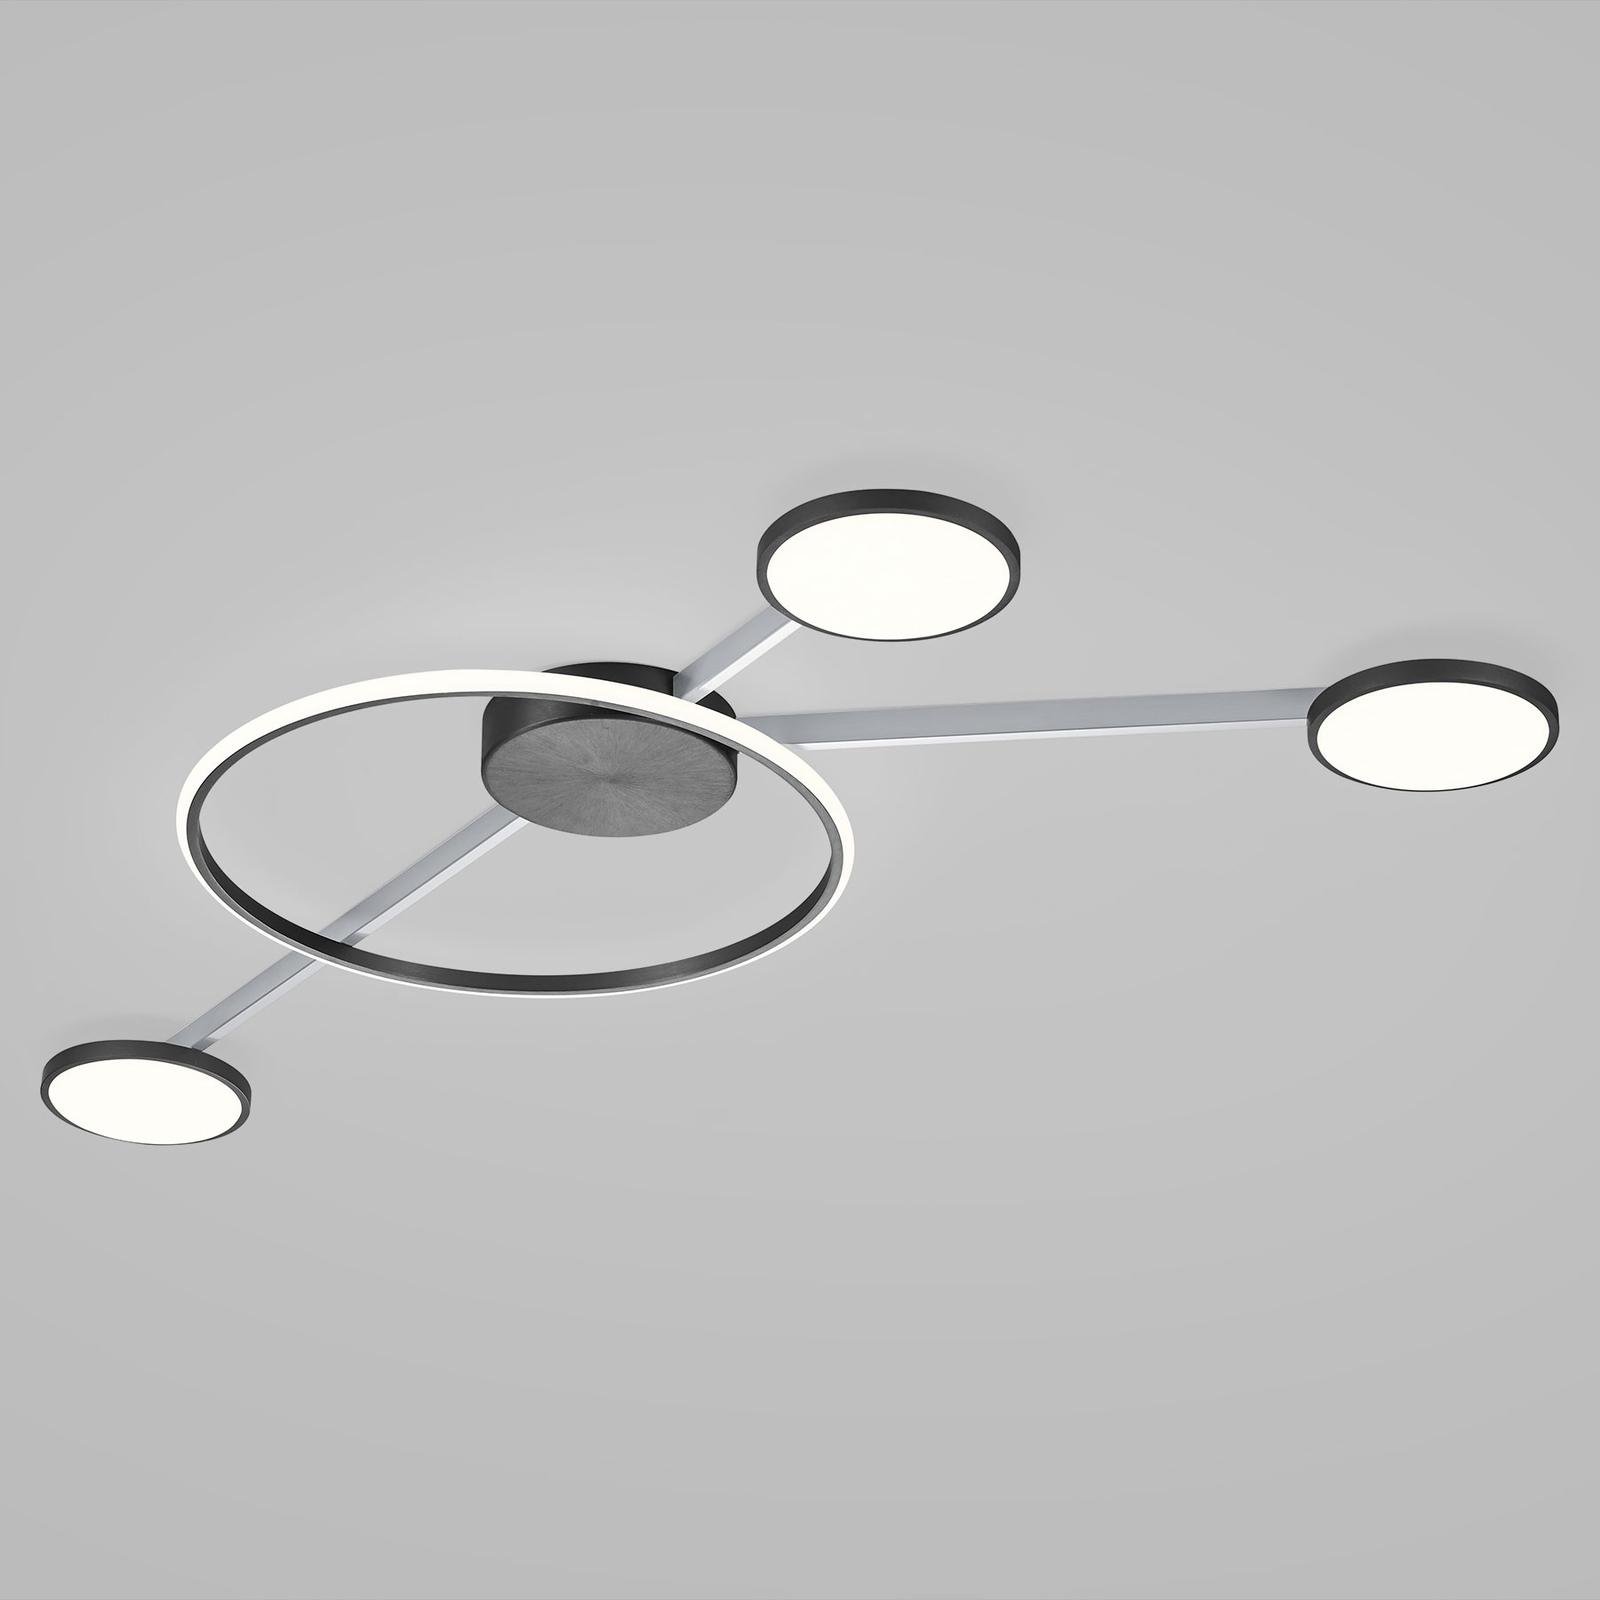 Bopp Satellite LED-taklampe 4 lyskilder, smart